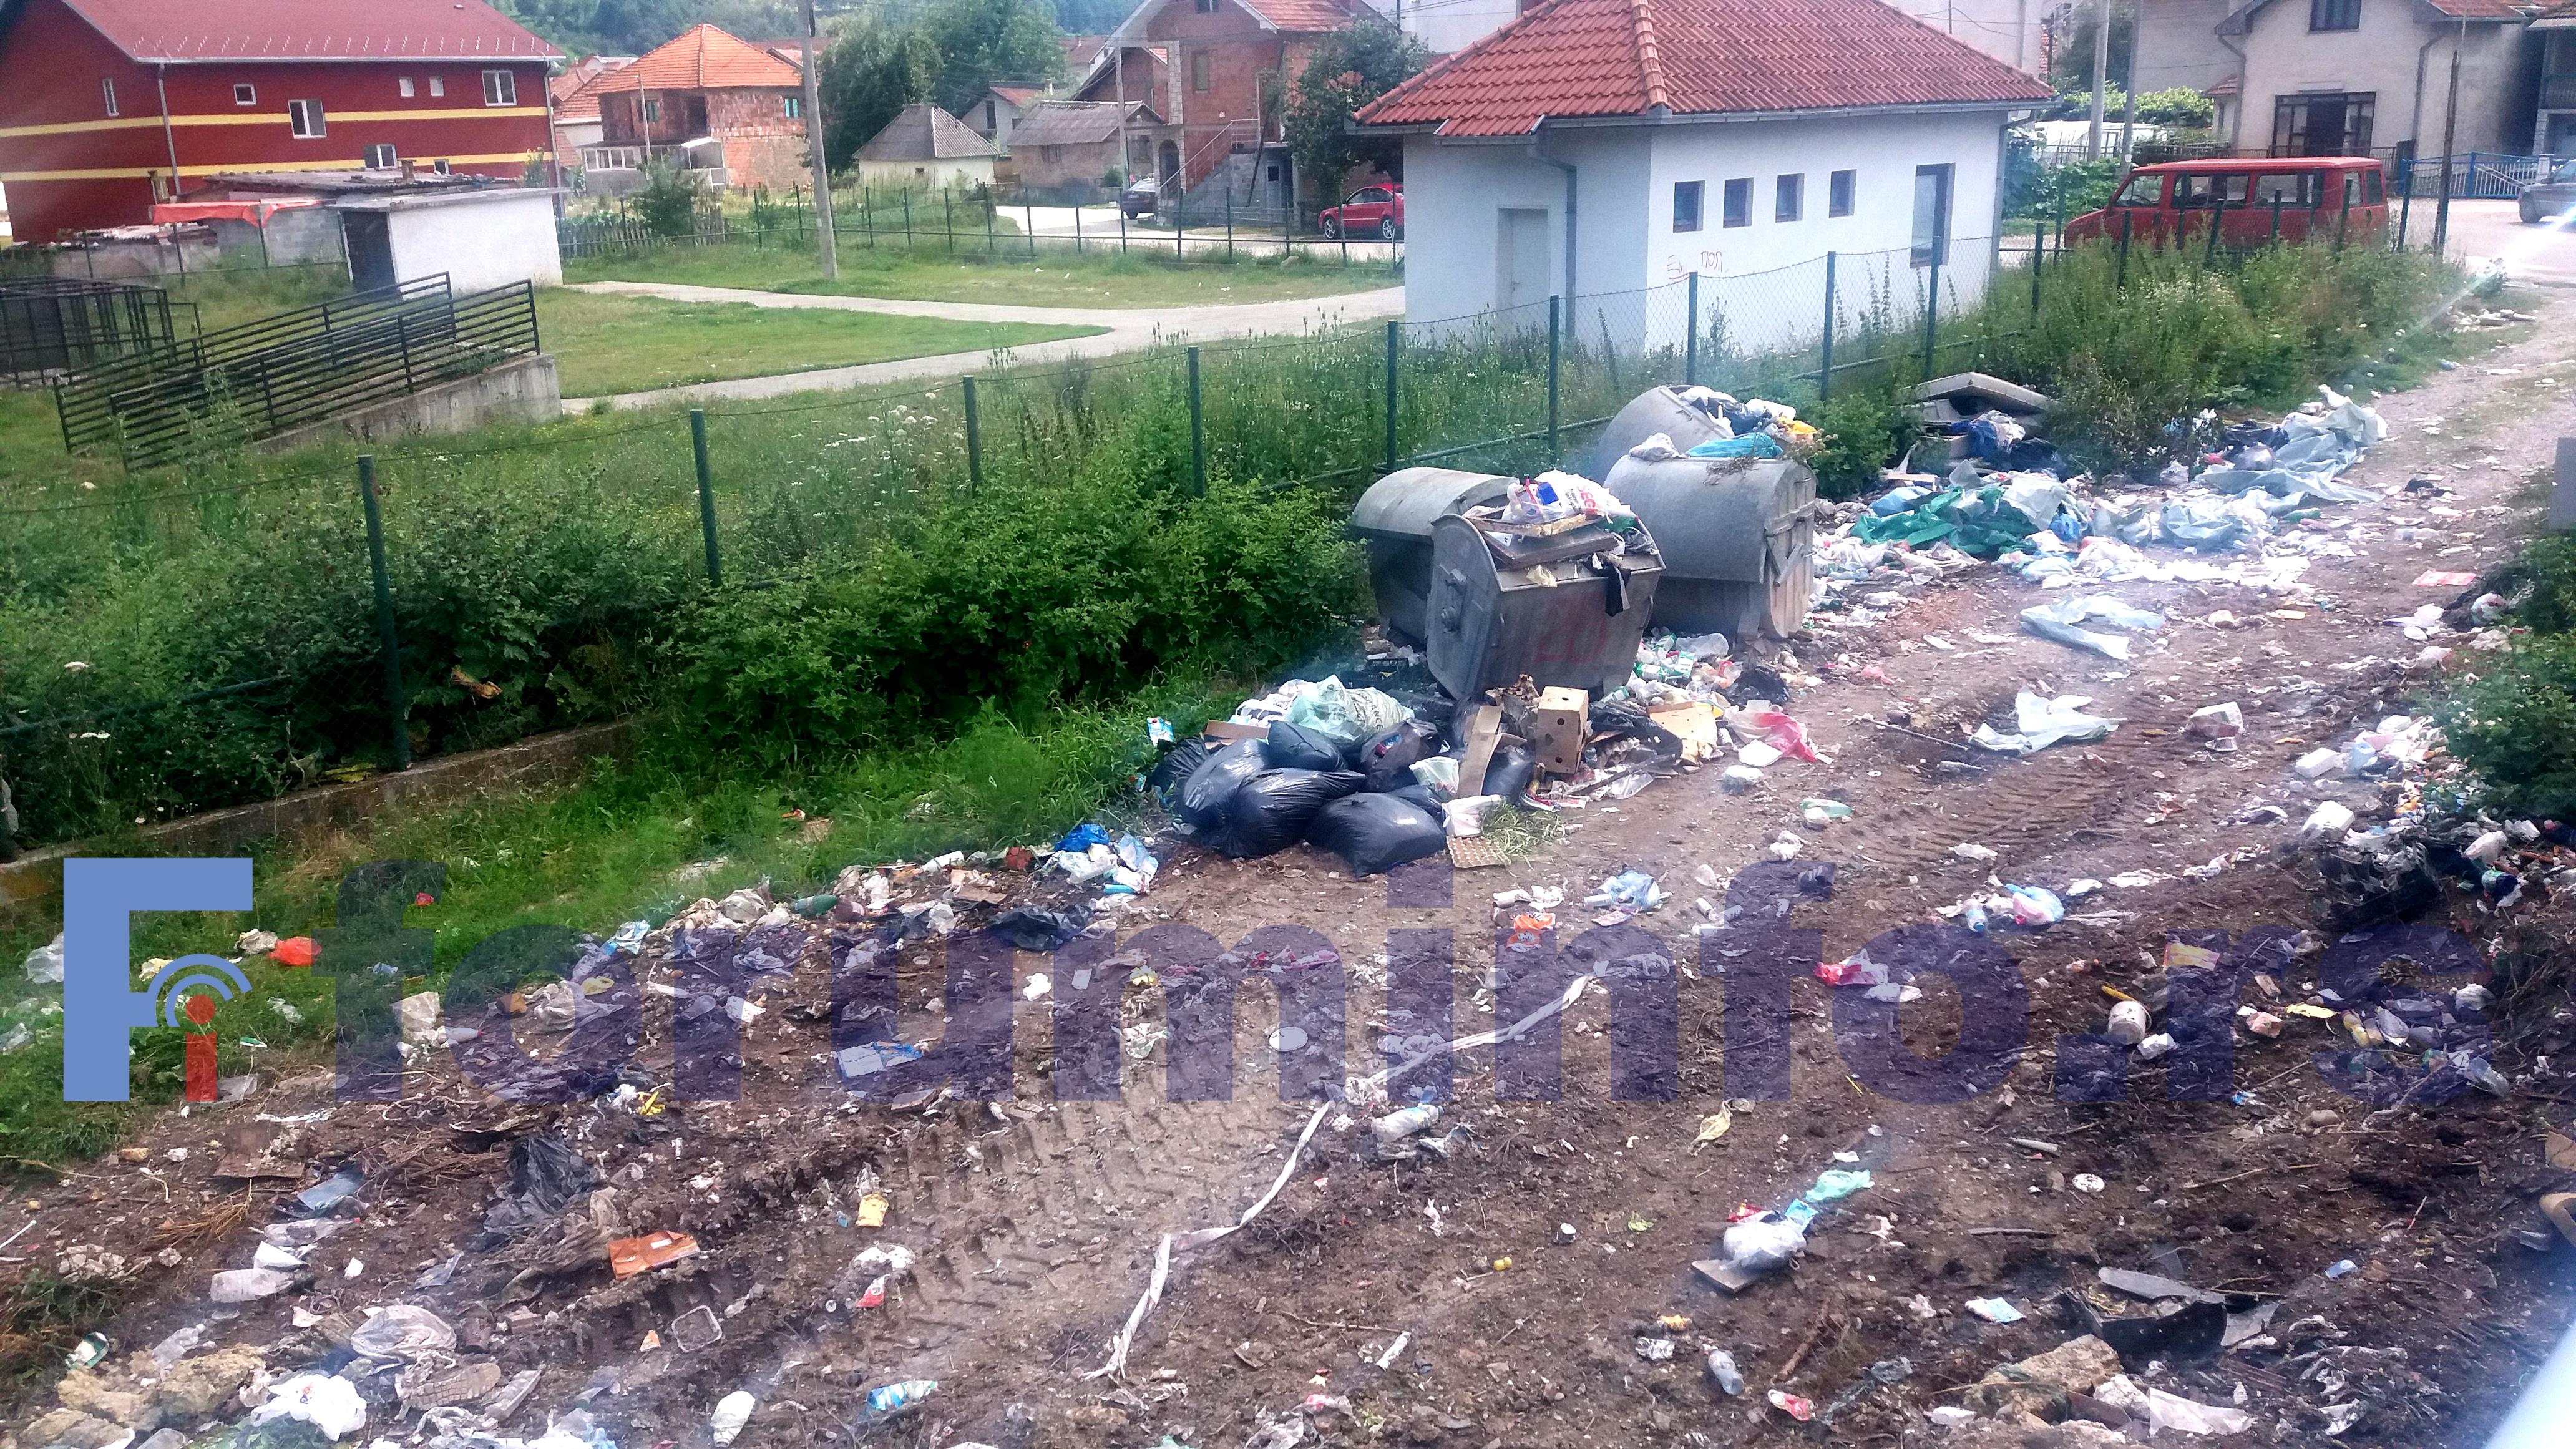 Бродарево: Претрпани контејнери и смрад, на обалама Лима дивље депоније